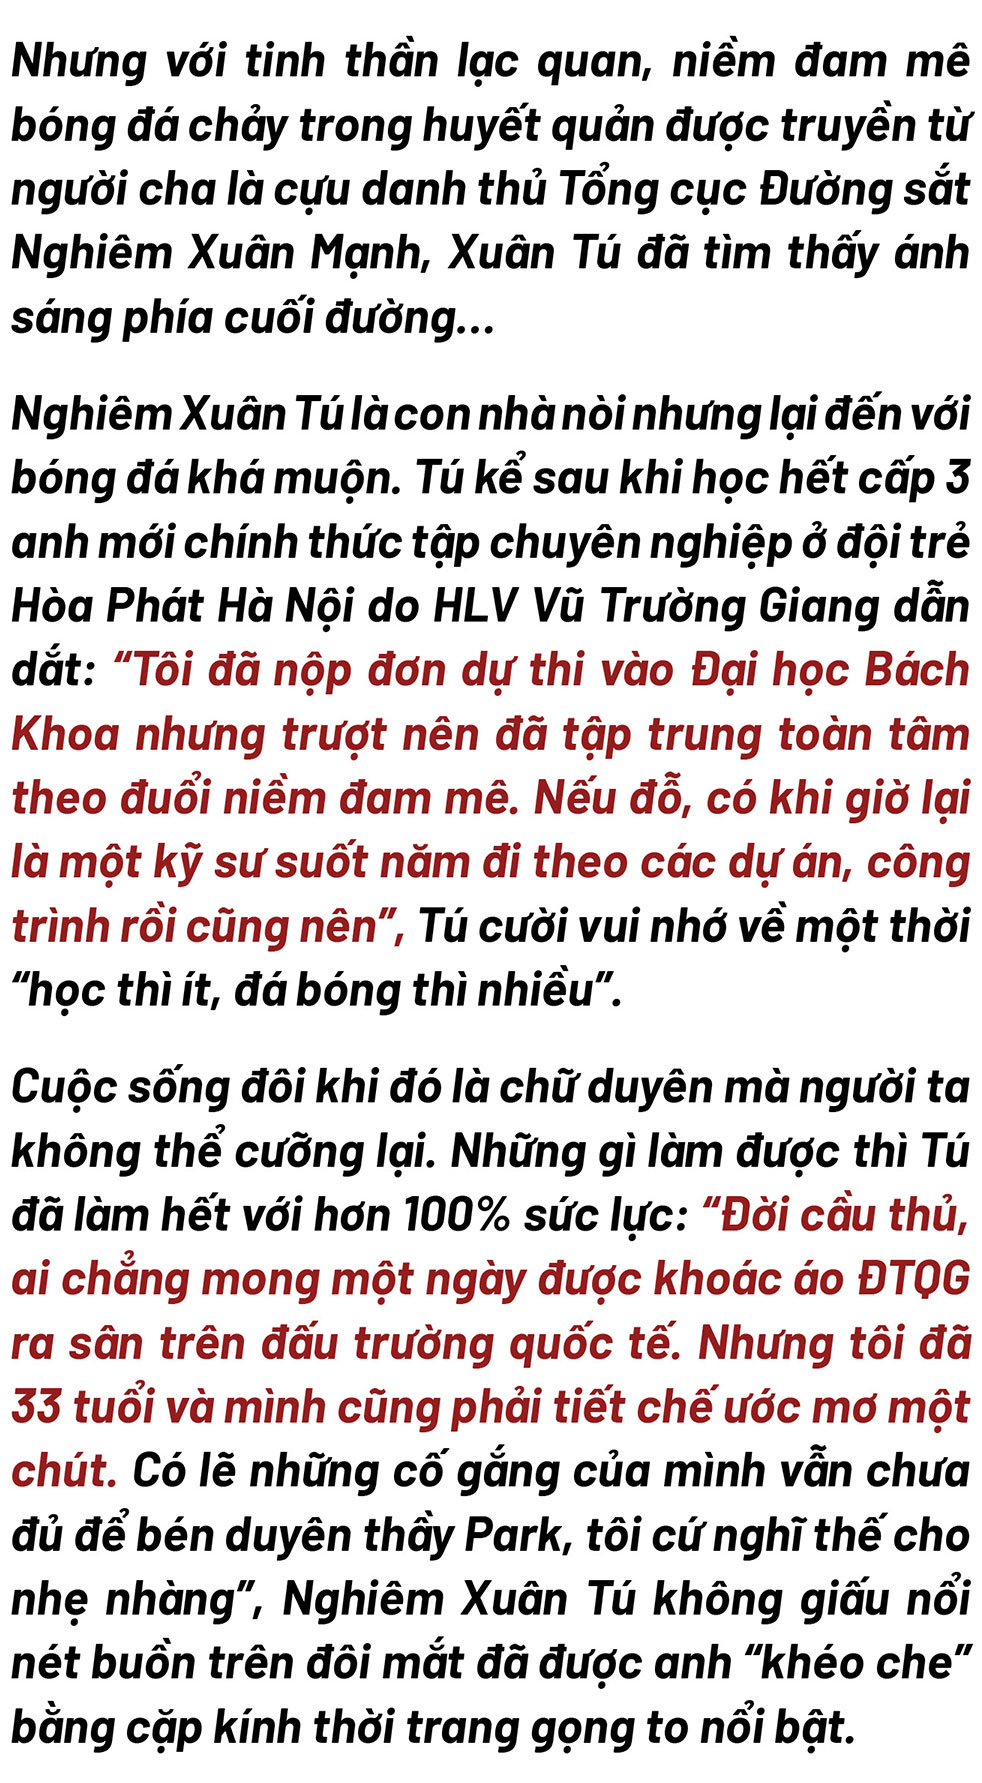 """""""Chiến binh"""" Than Quảng Ninh Nghiêm Xuân Tú: Lên đội tuyển quốc gia không phải đích đến duy nhất  - Ảnh 2."""